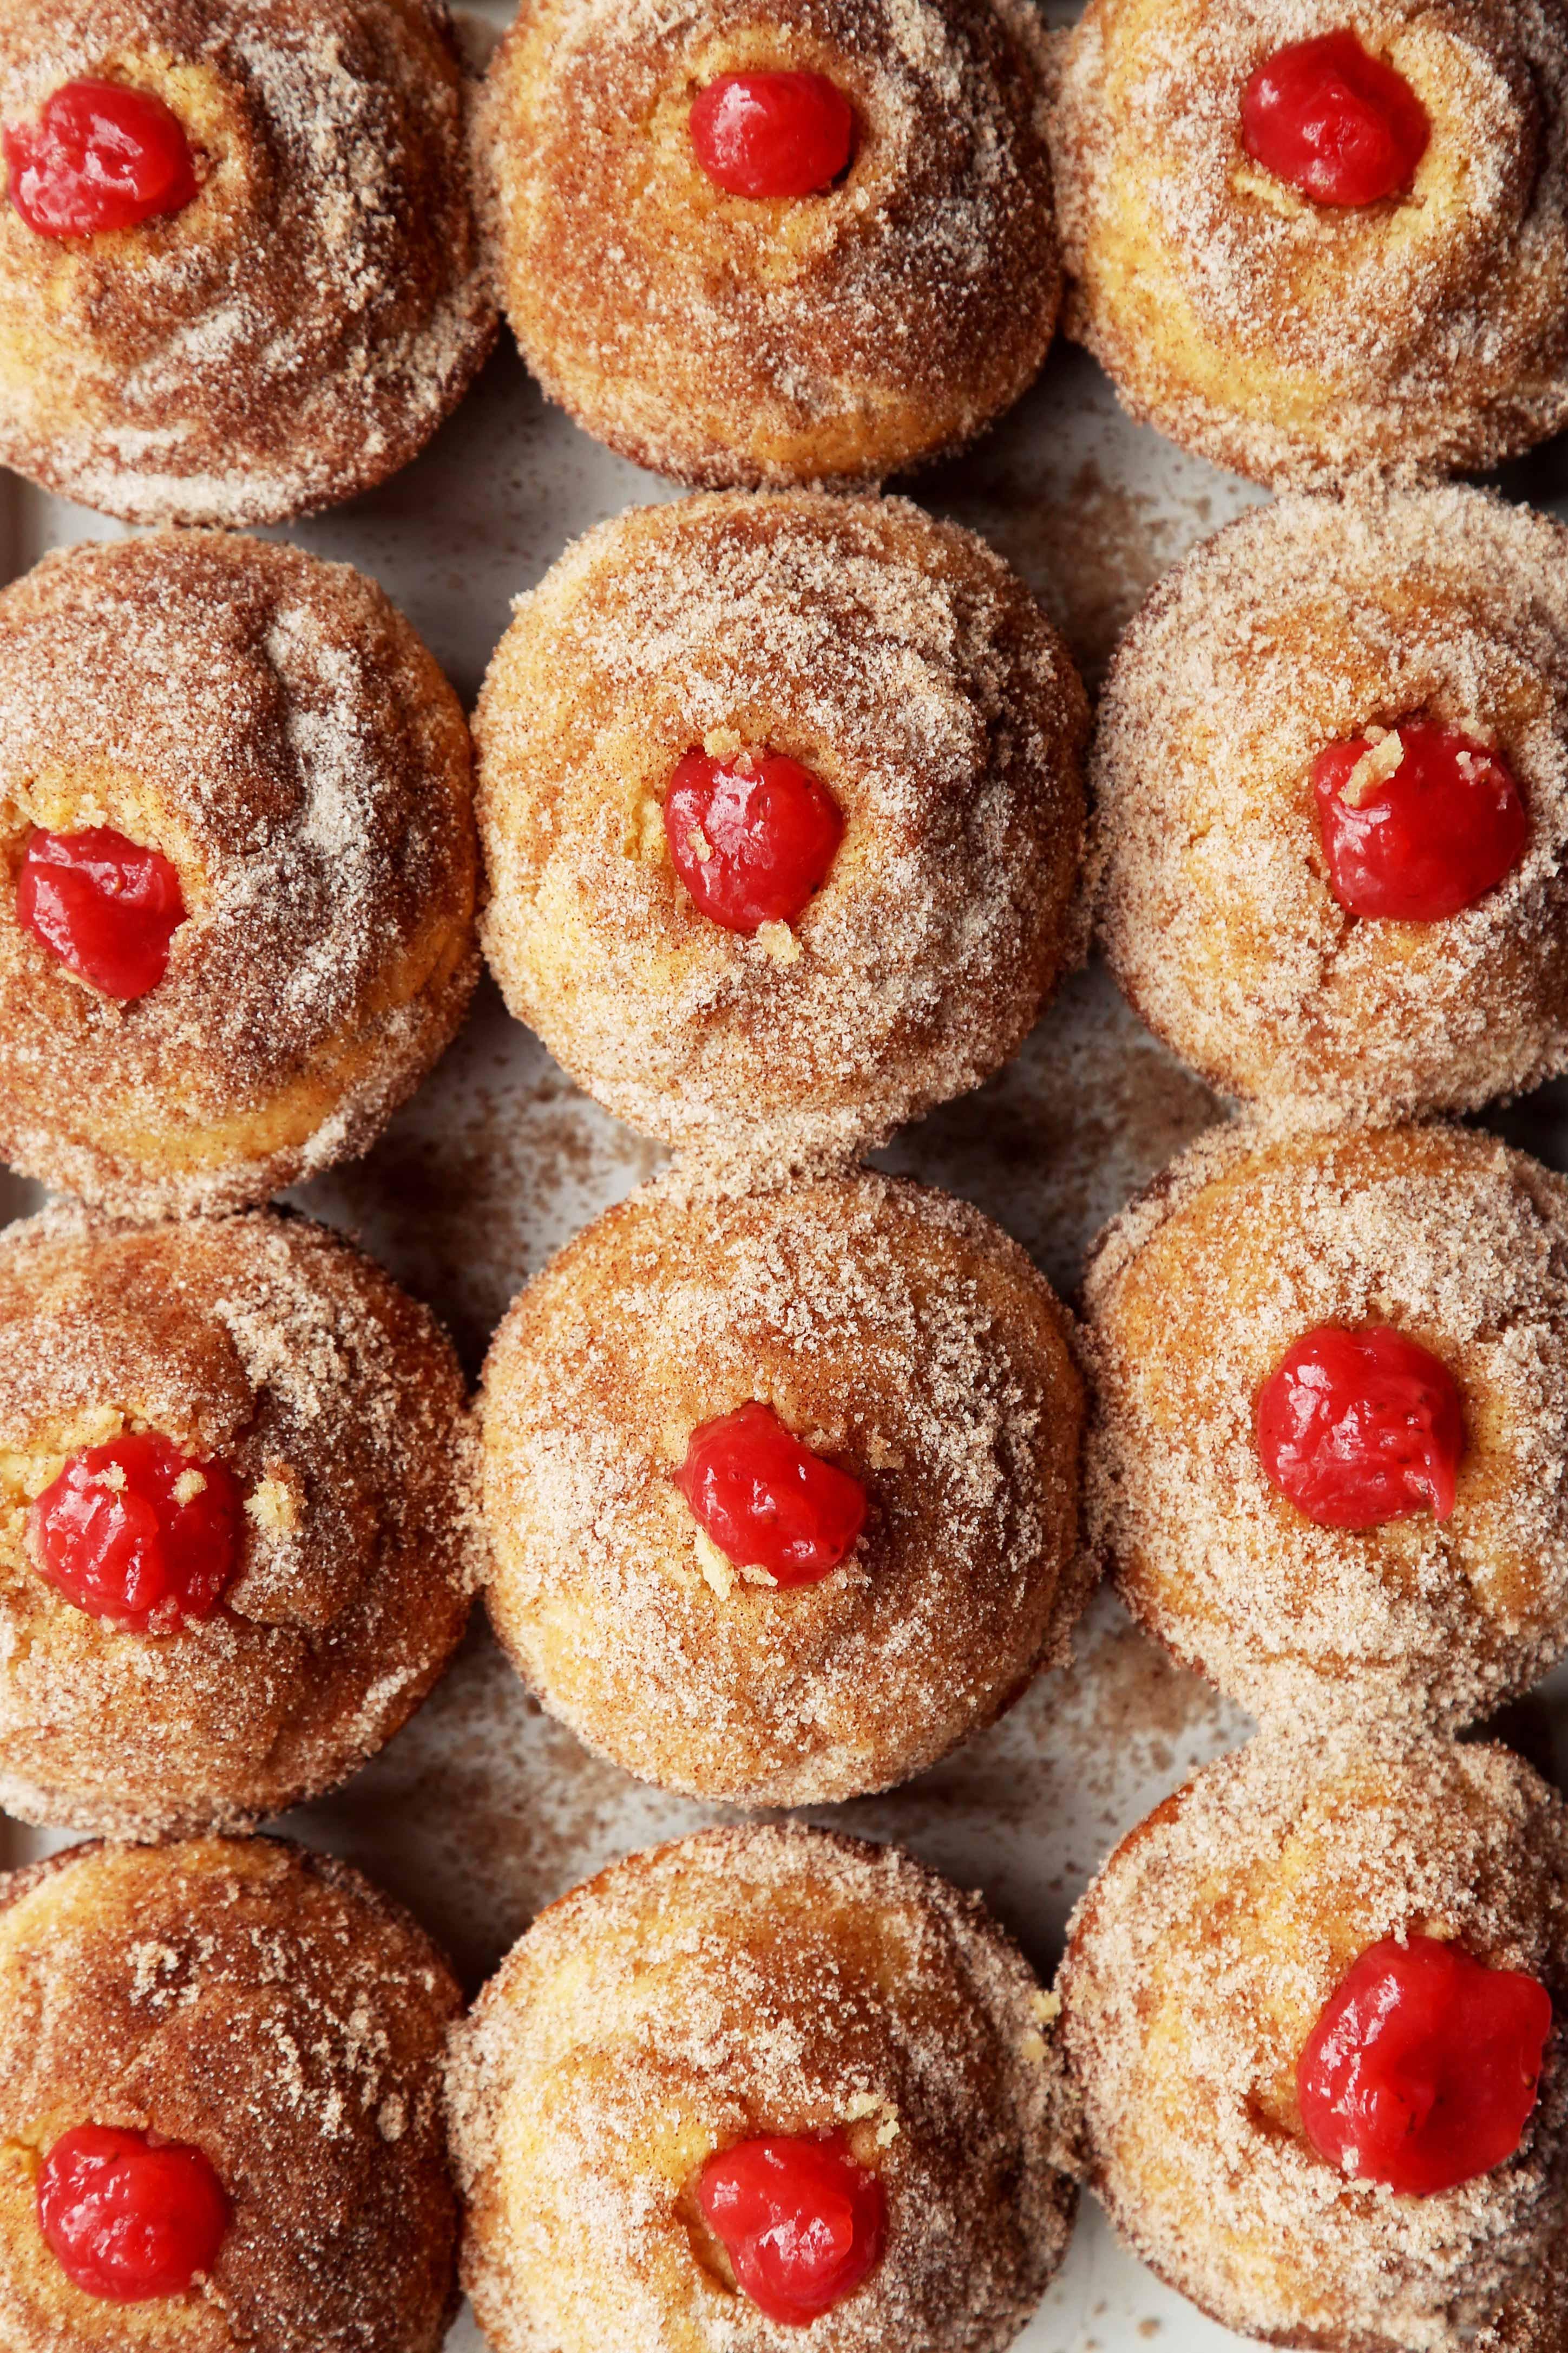 Strawberry Rhubarb Doughnut Muffins